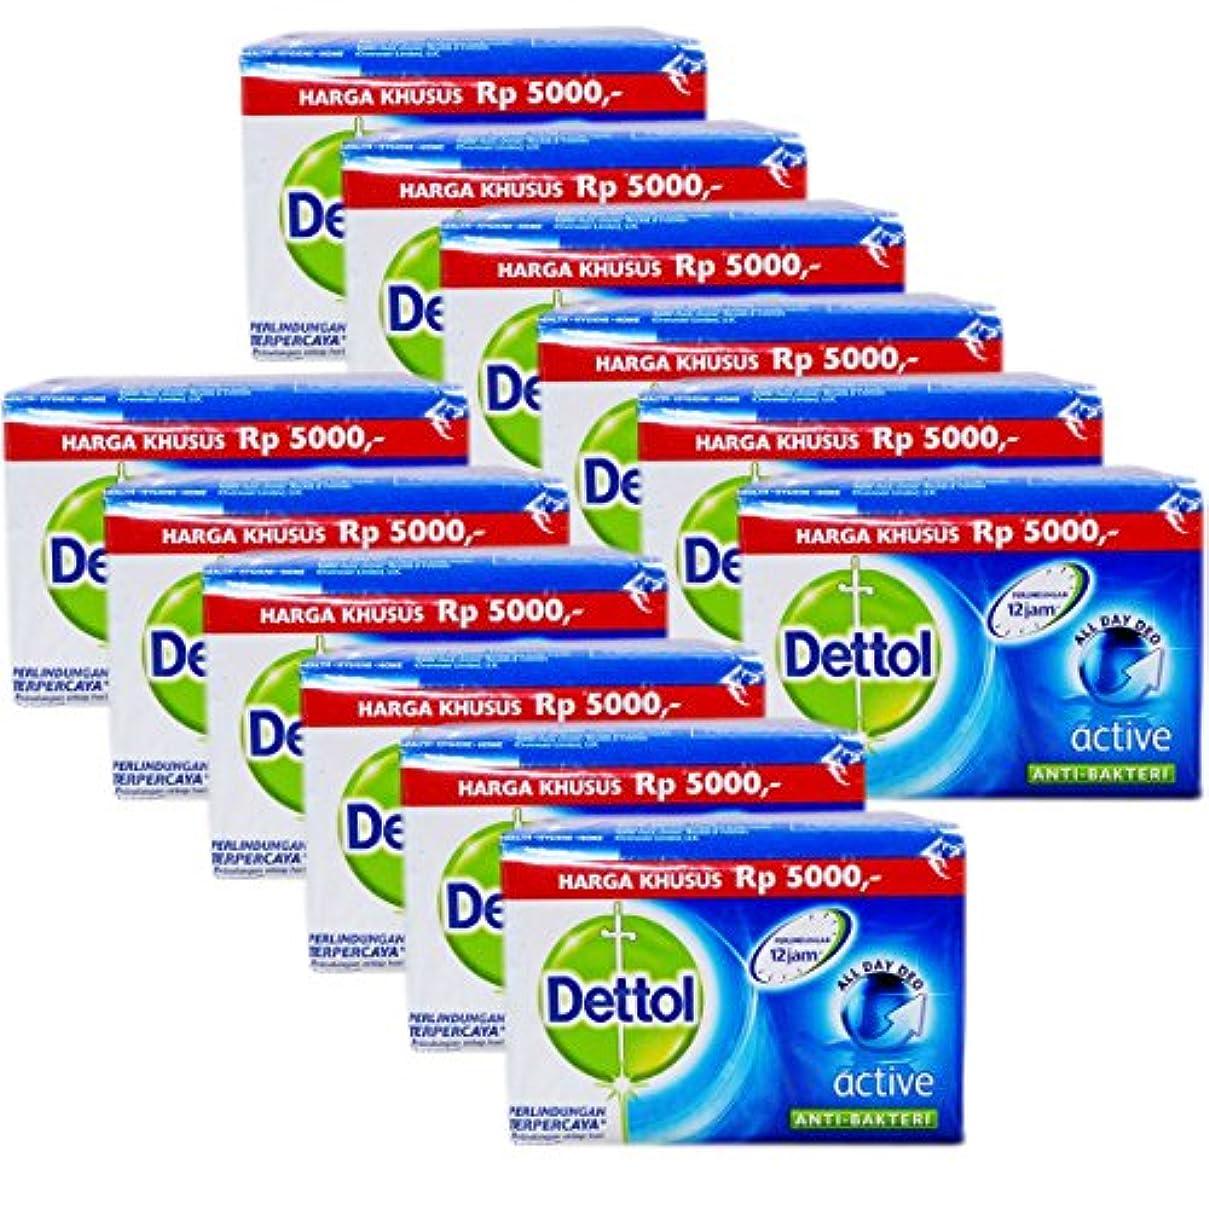 航海のマーチャンダイザー蛾Dettol(デトール) Anti-Bacterial Hand and Body Bar Soap, Active, 110 Gr / 3.88 Oz (12個セット)